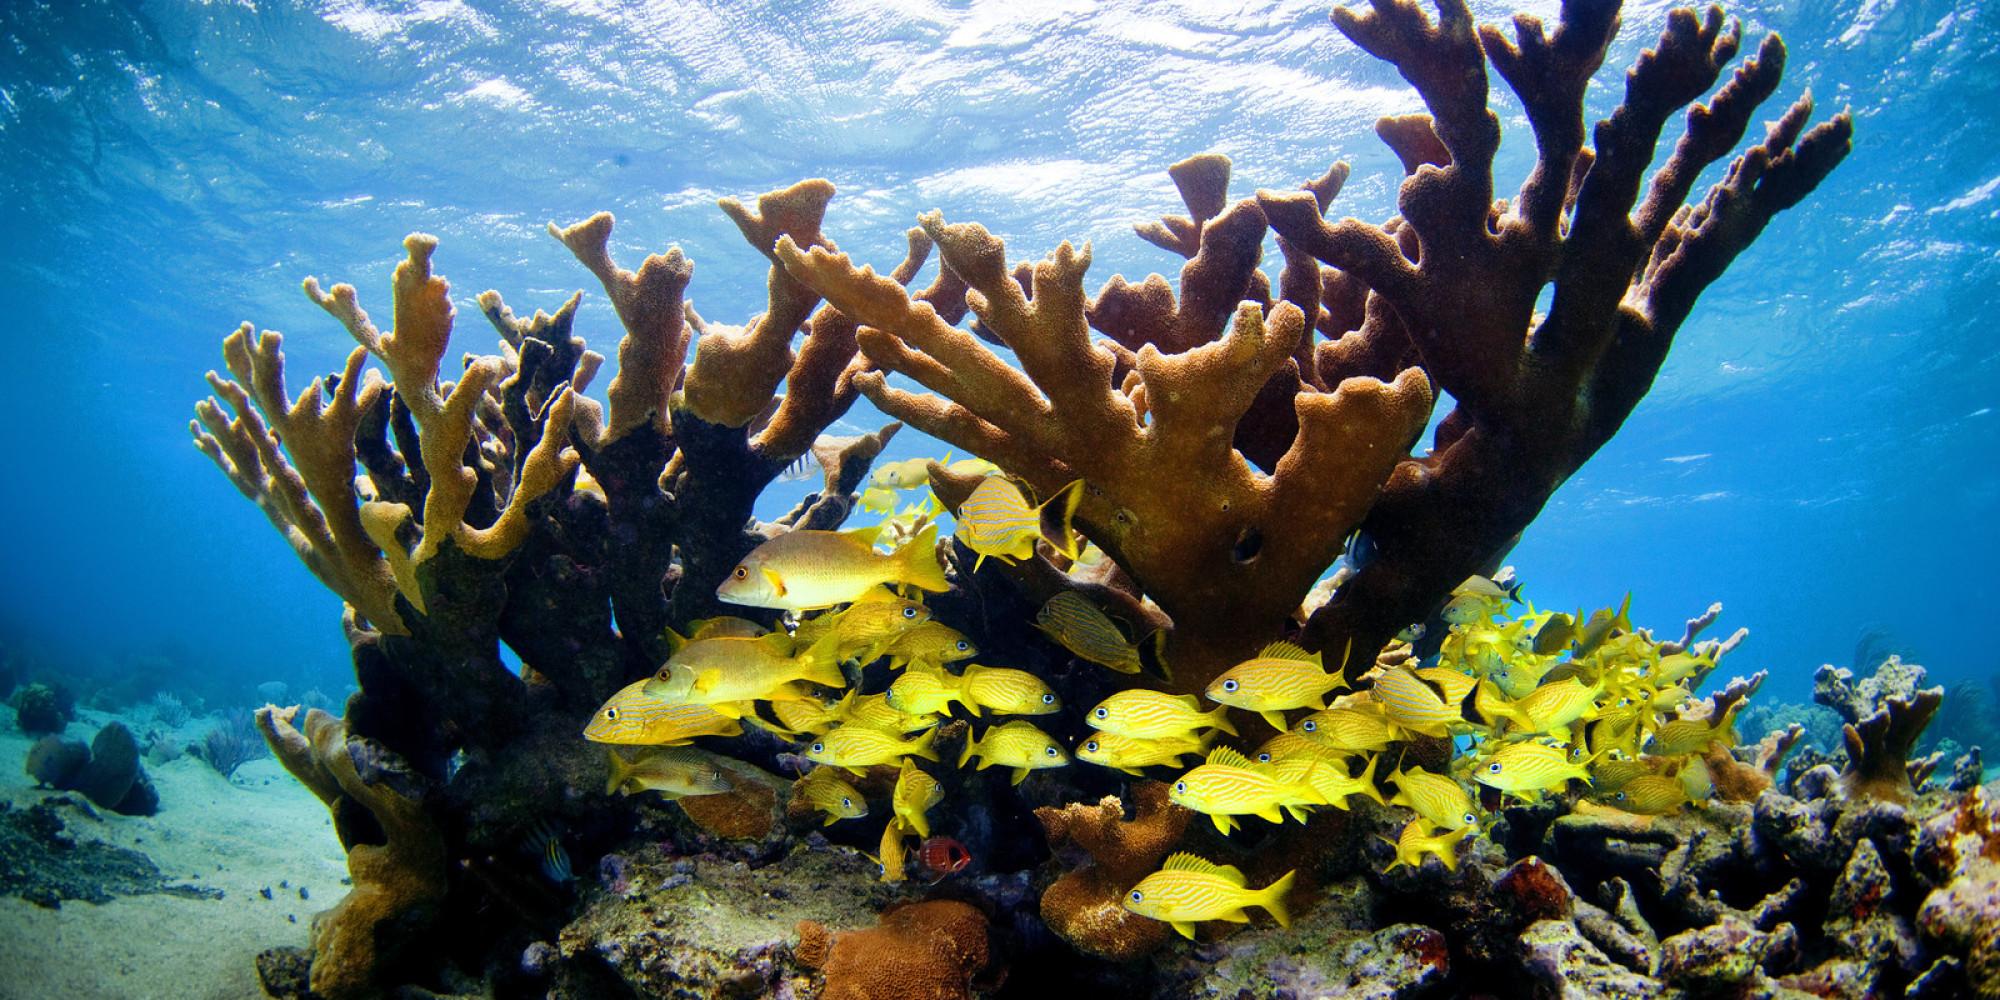 cuba-coral-reef.jpg